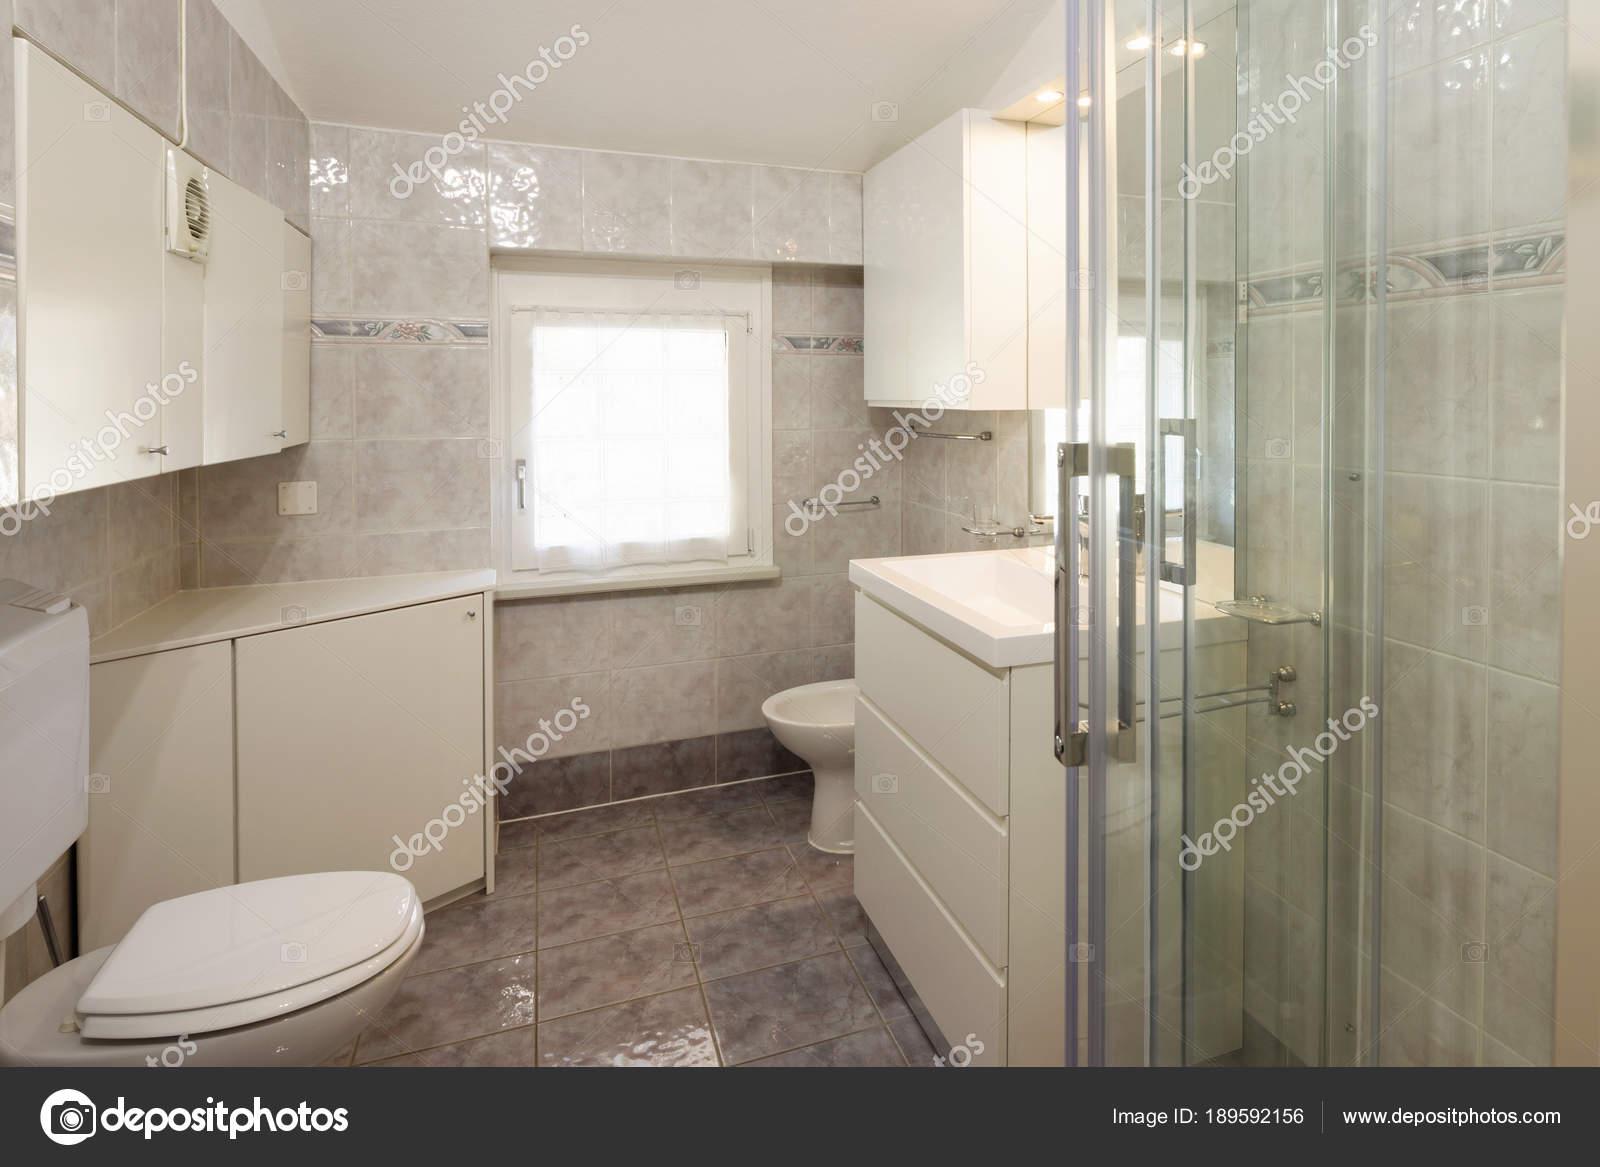 Badezimmer Mit Fliesen Und Eine Große Dusche Stockfoto Zveiger - Dusche große fliesen